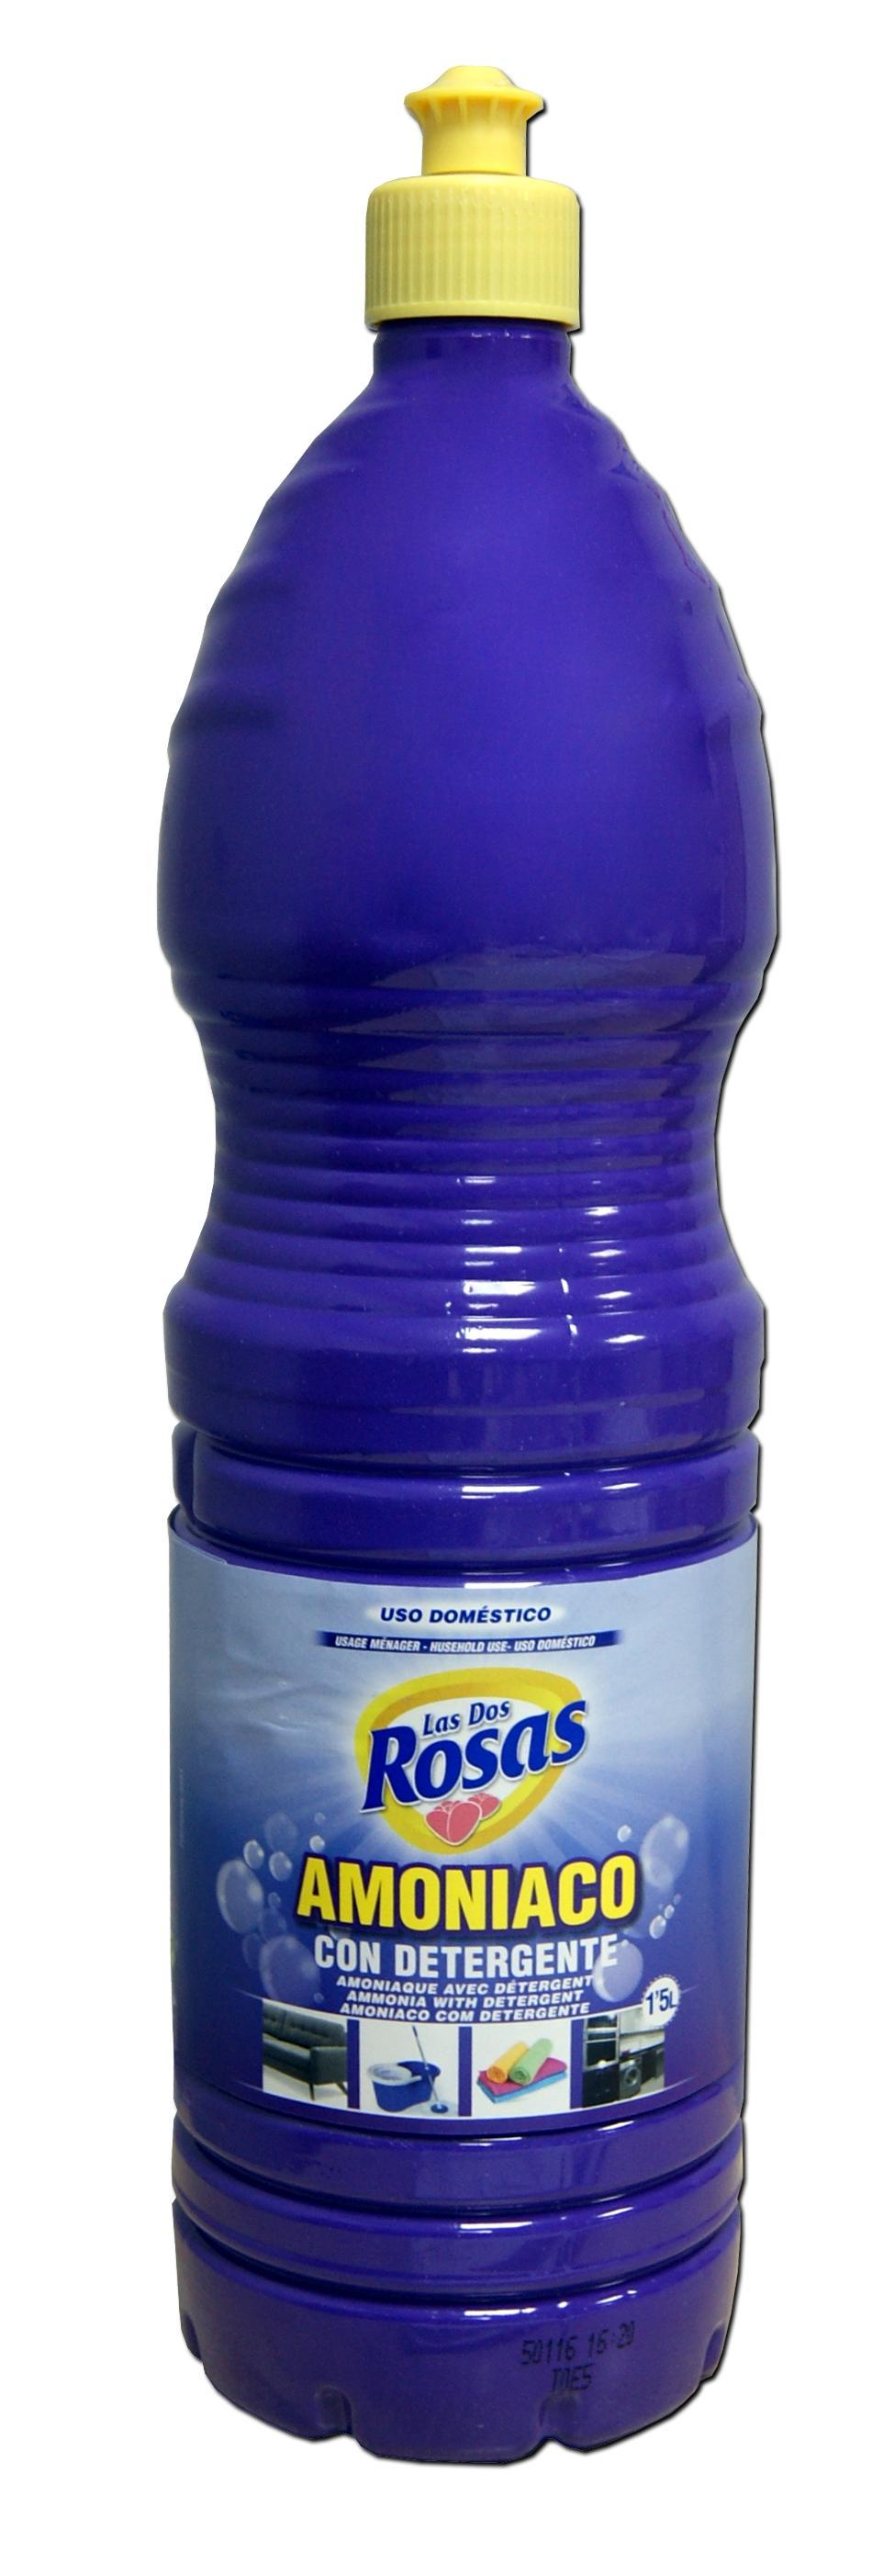 Las 2 Rosas Amoniaco con Detergente 1,5 L